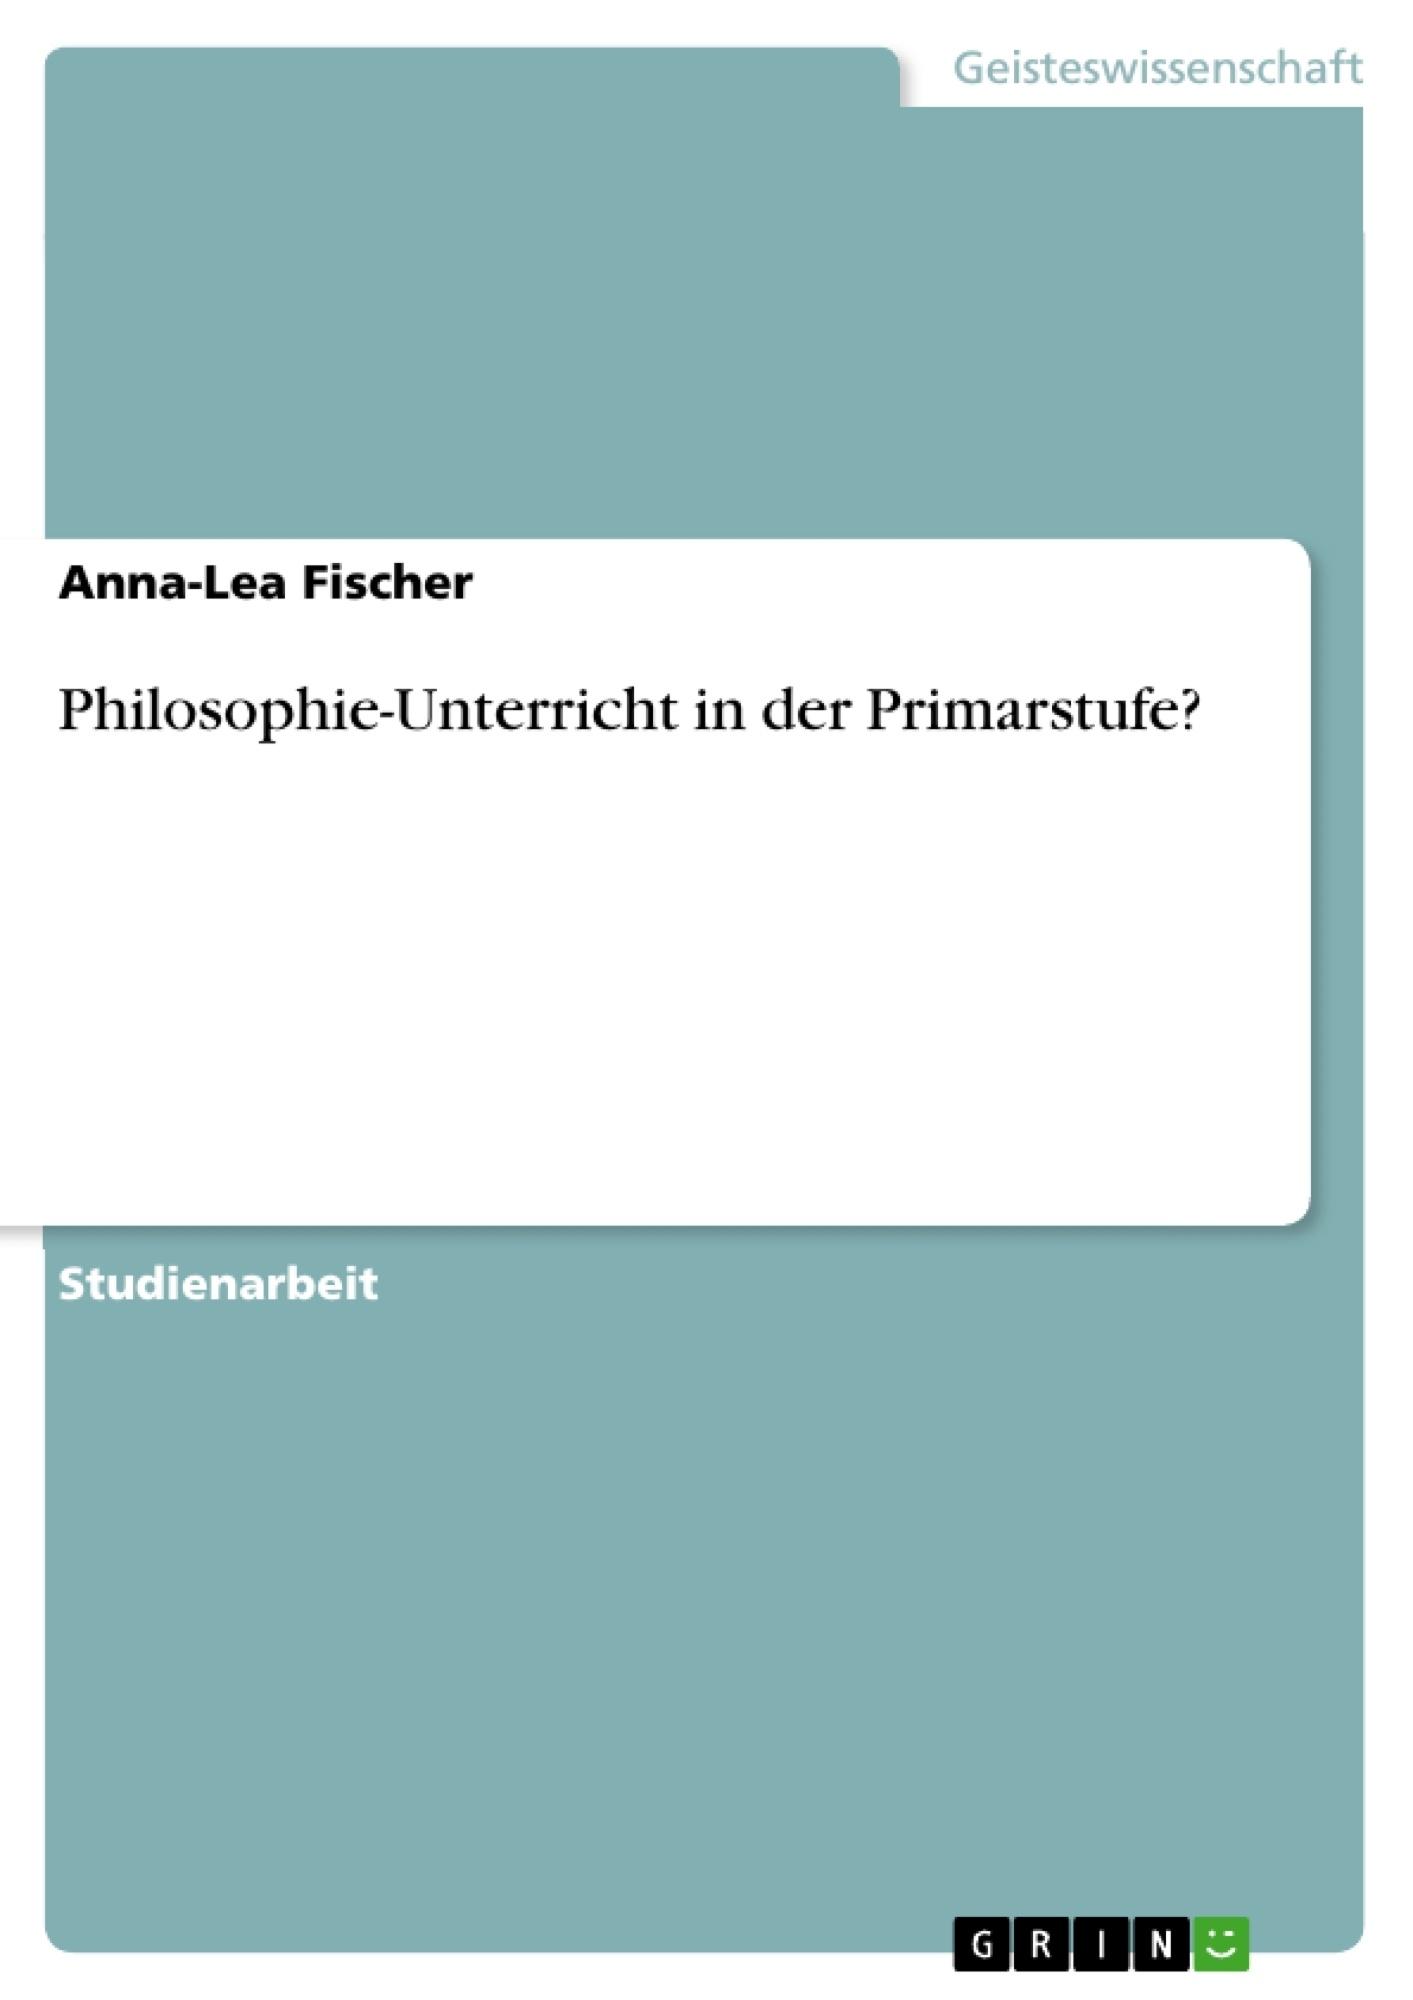 Titel: Philosophie-Unterricht in der Primarstufe?